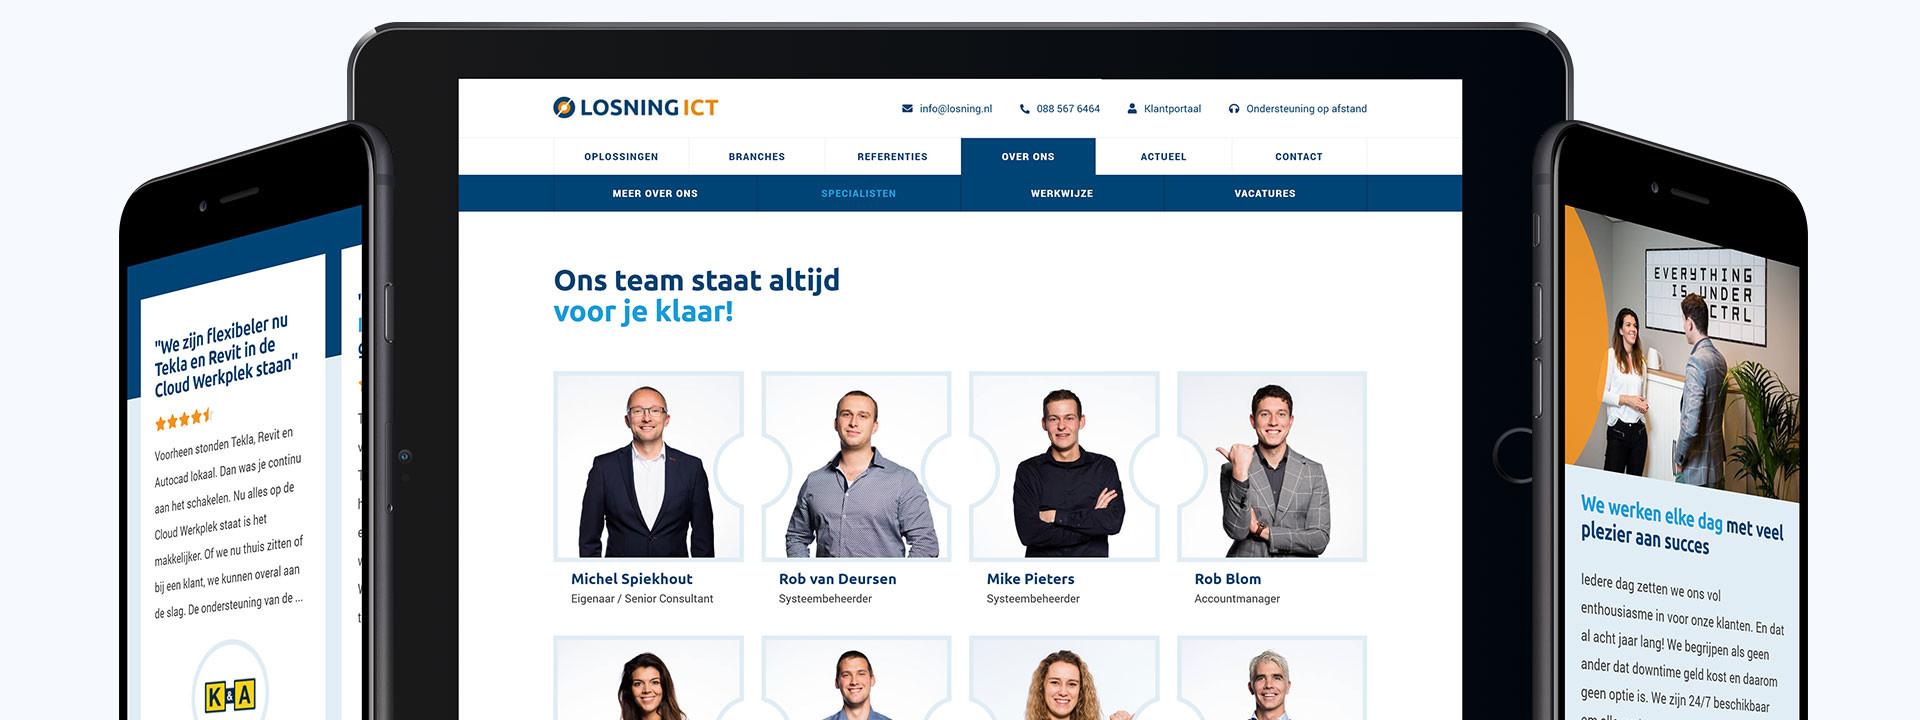 Website ontwikkeling voor Losning ICT uit Hendrik-Ido-Ambacht